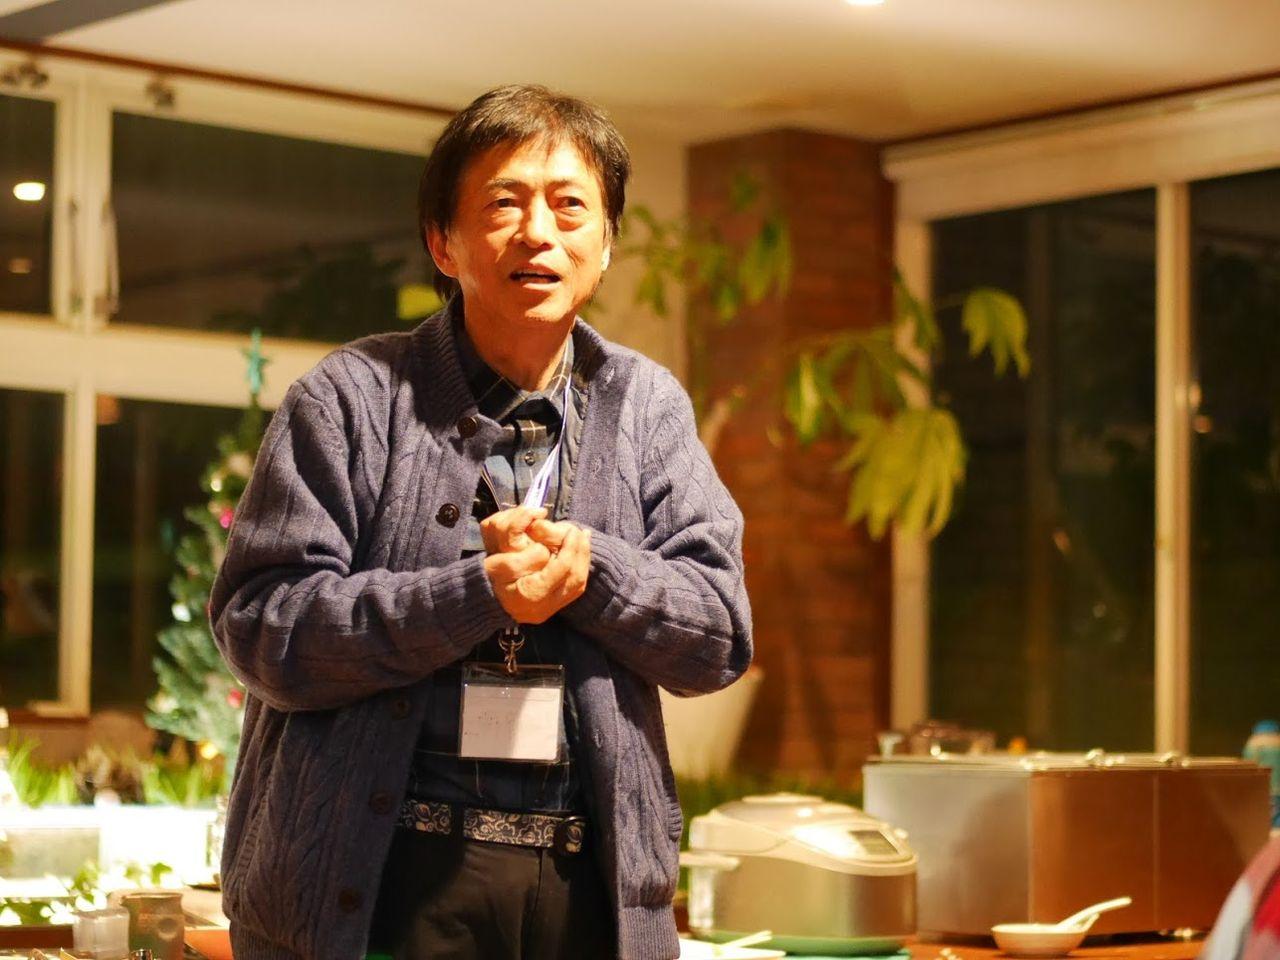 伊藤のスピーチ